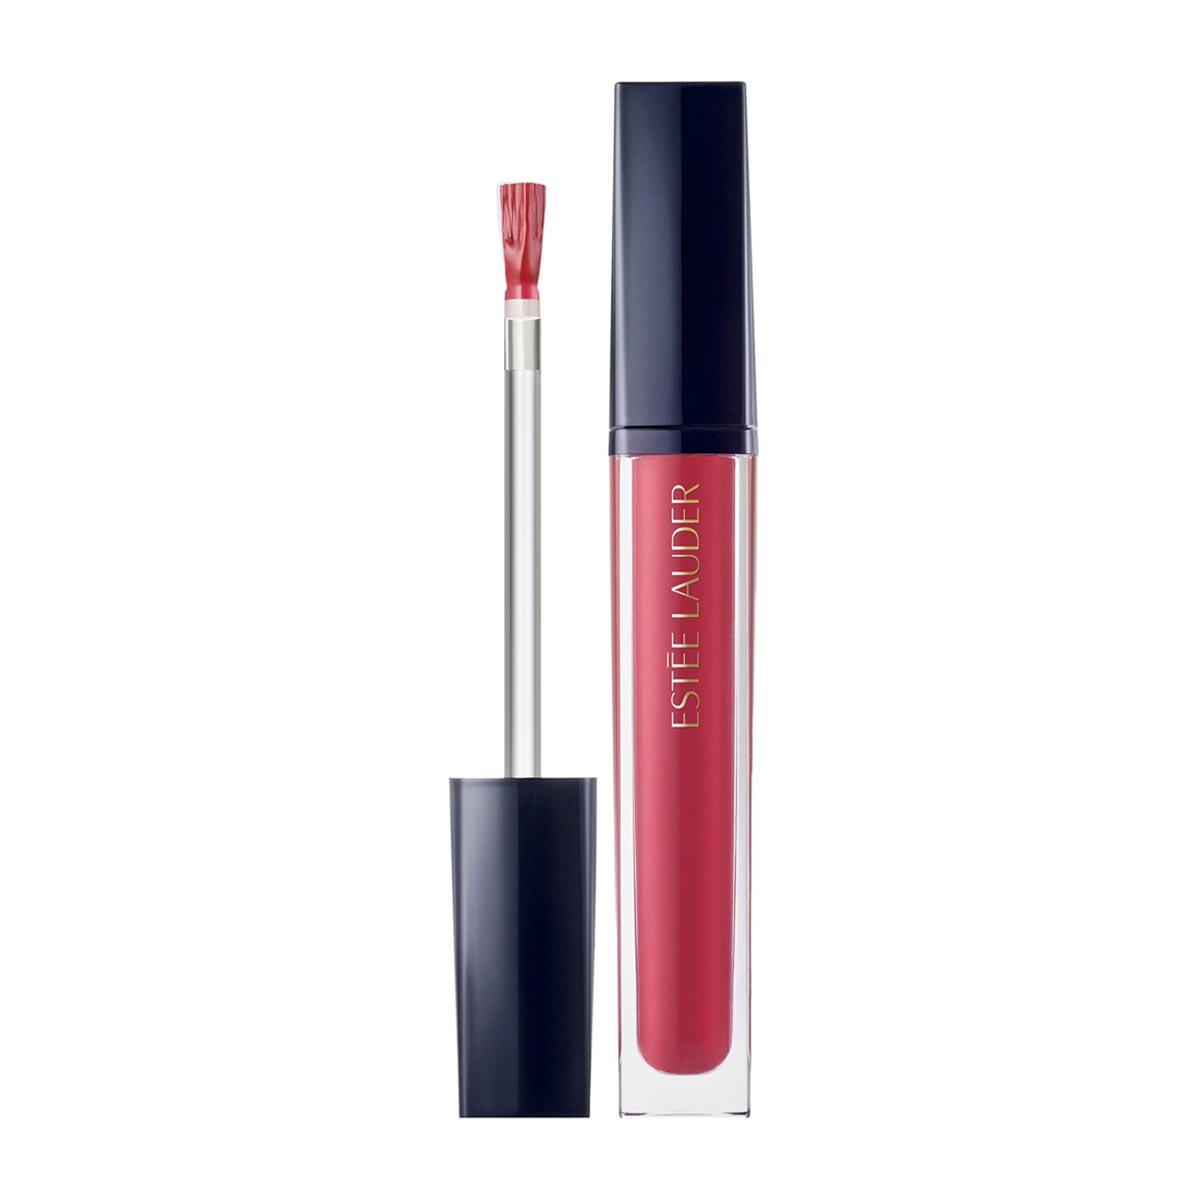 Estee lauder pure color envy lipgloss 260 eccentric